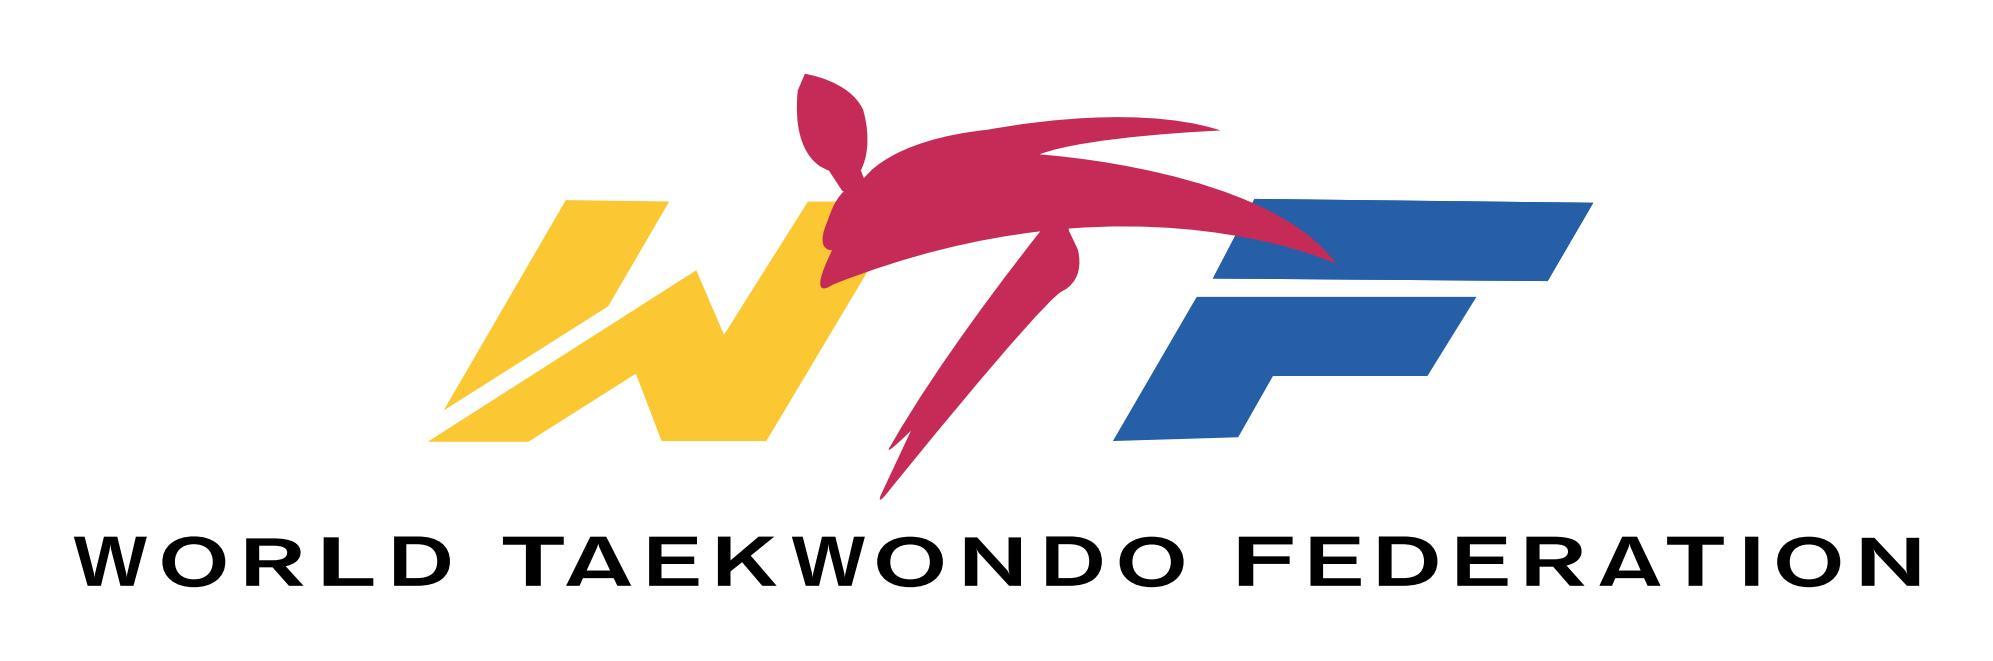 wtf-world taekwondo federation logo